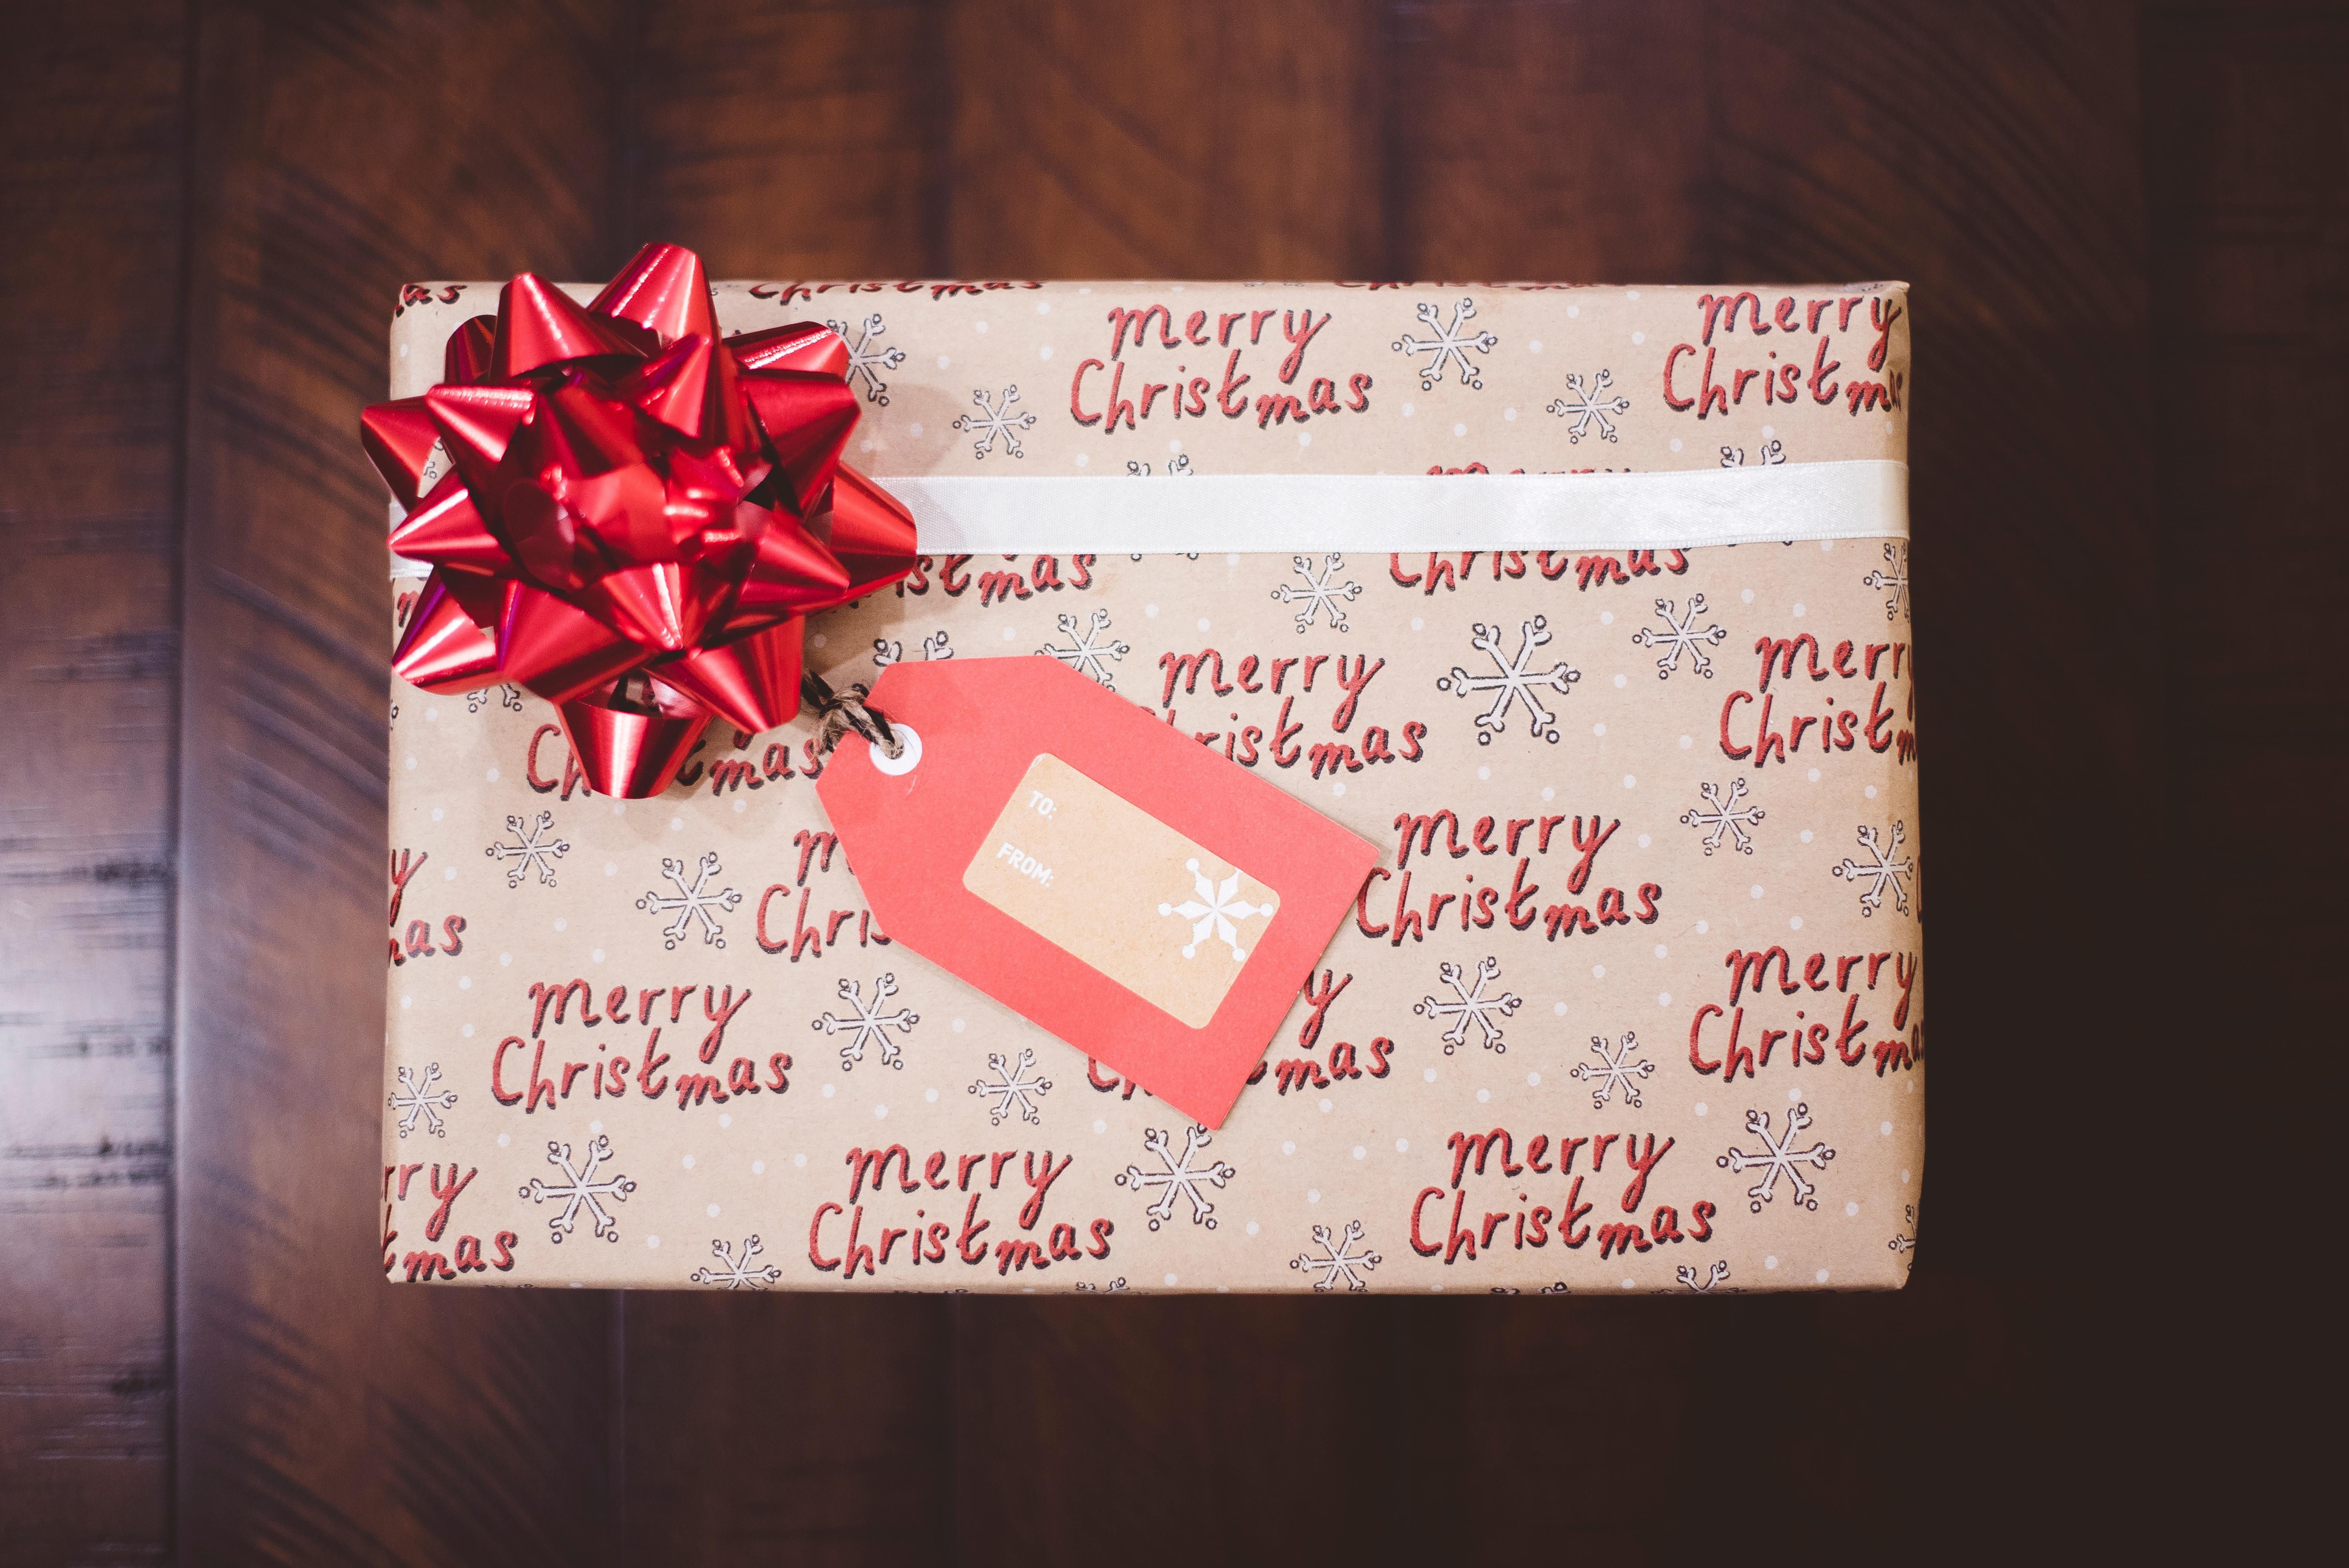 6 idee per non regalare oggetti inutili a Natale